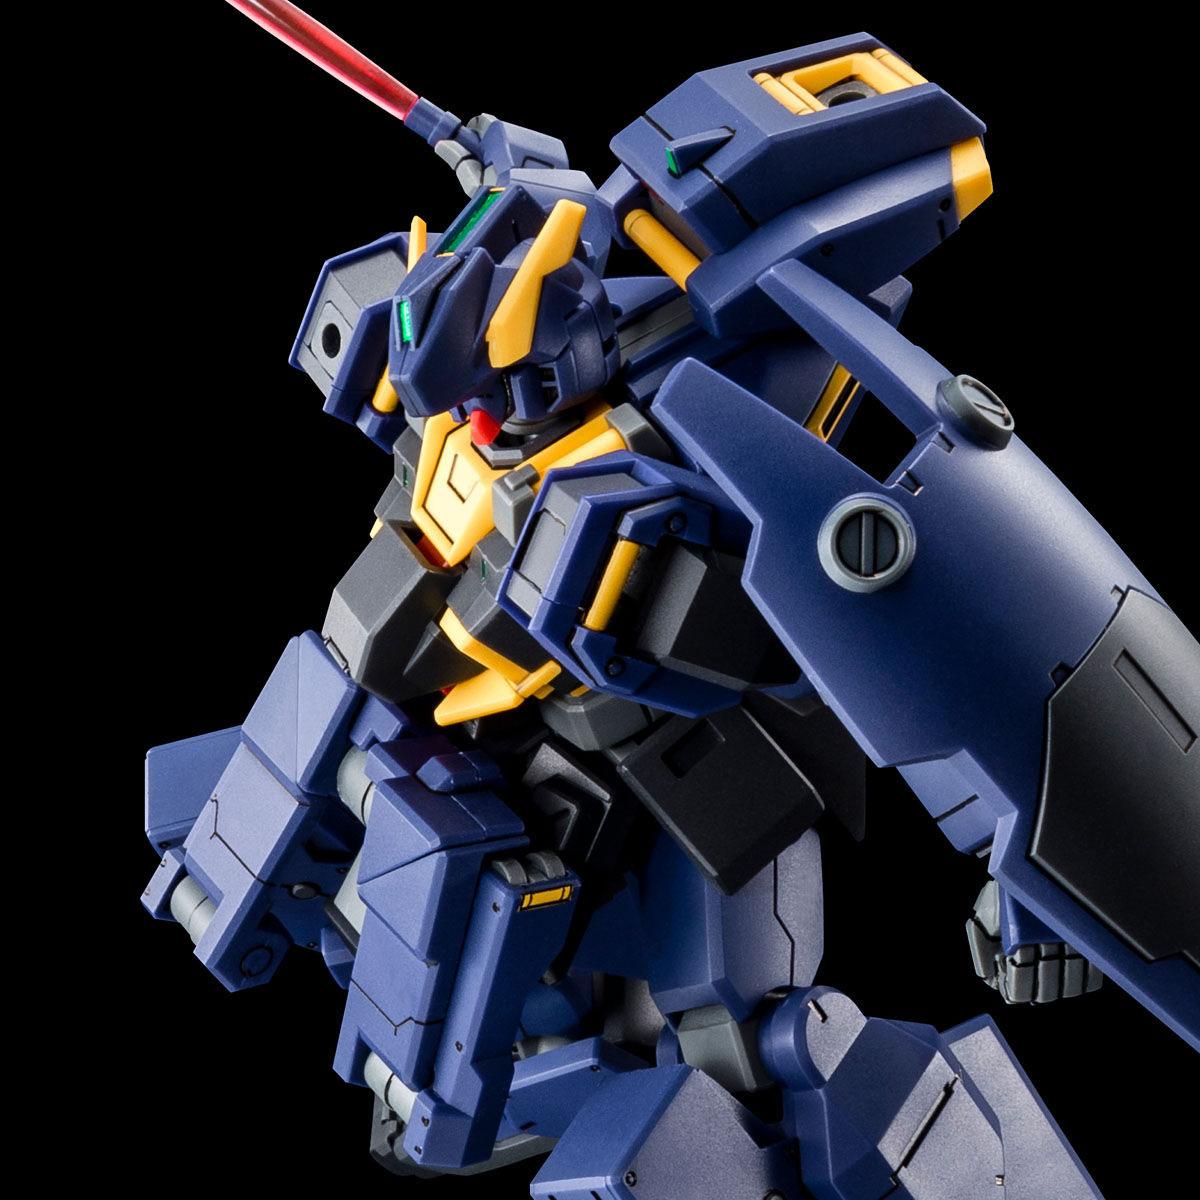 【限定販売】HG 1/144『ガンダムTR-1 次世代量産機(実戦配備カラー)』プラモデル-001